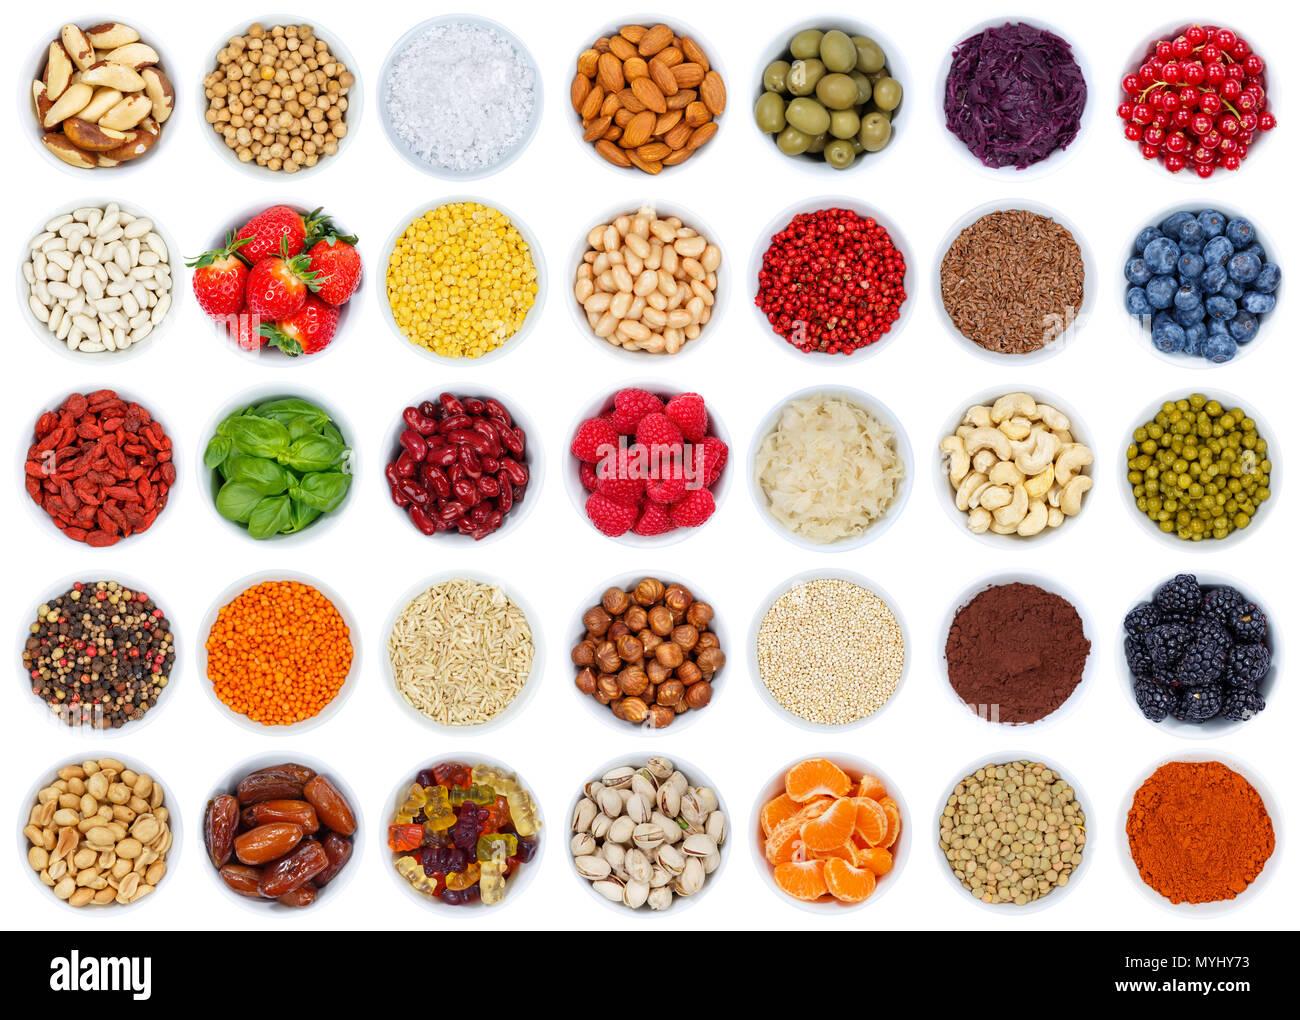 Ces fruits et légumes baies de dessus isolé sur fond blanc Photo Stock